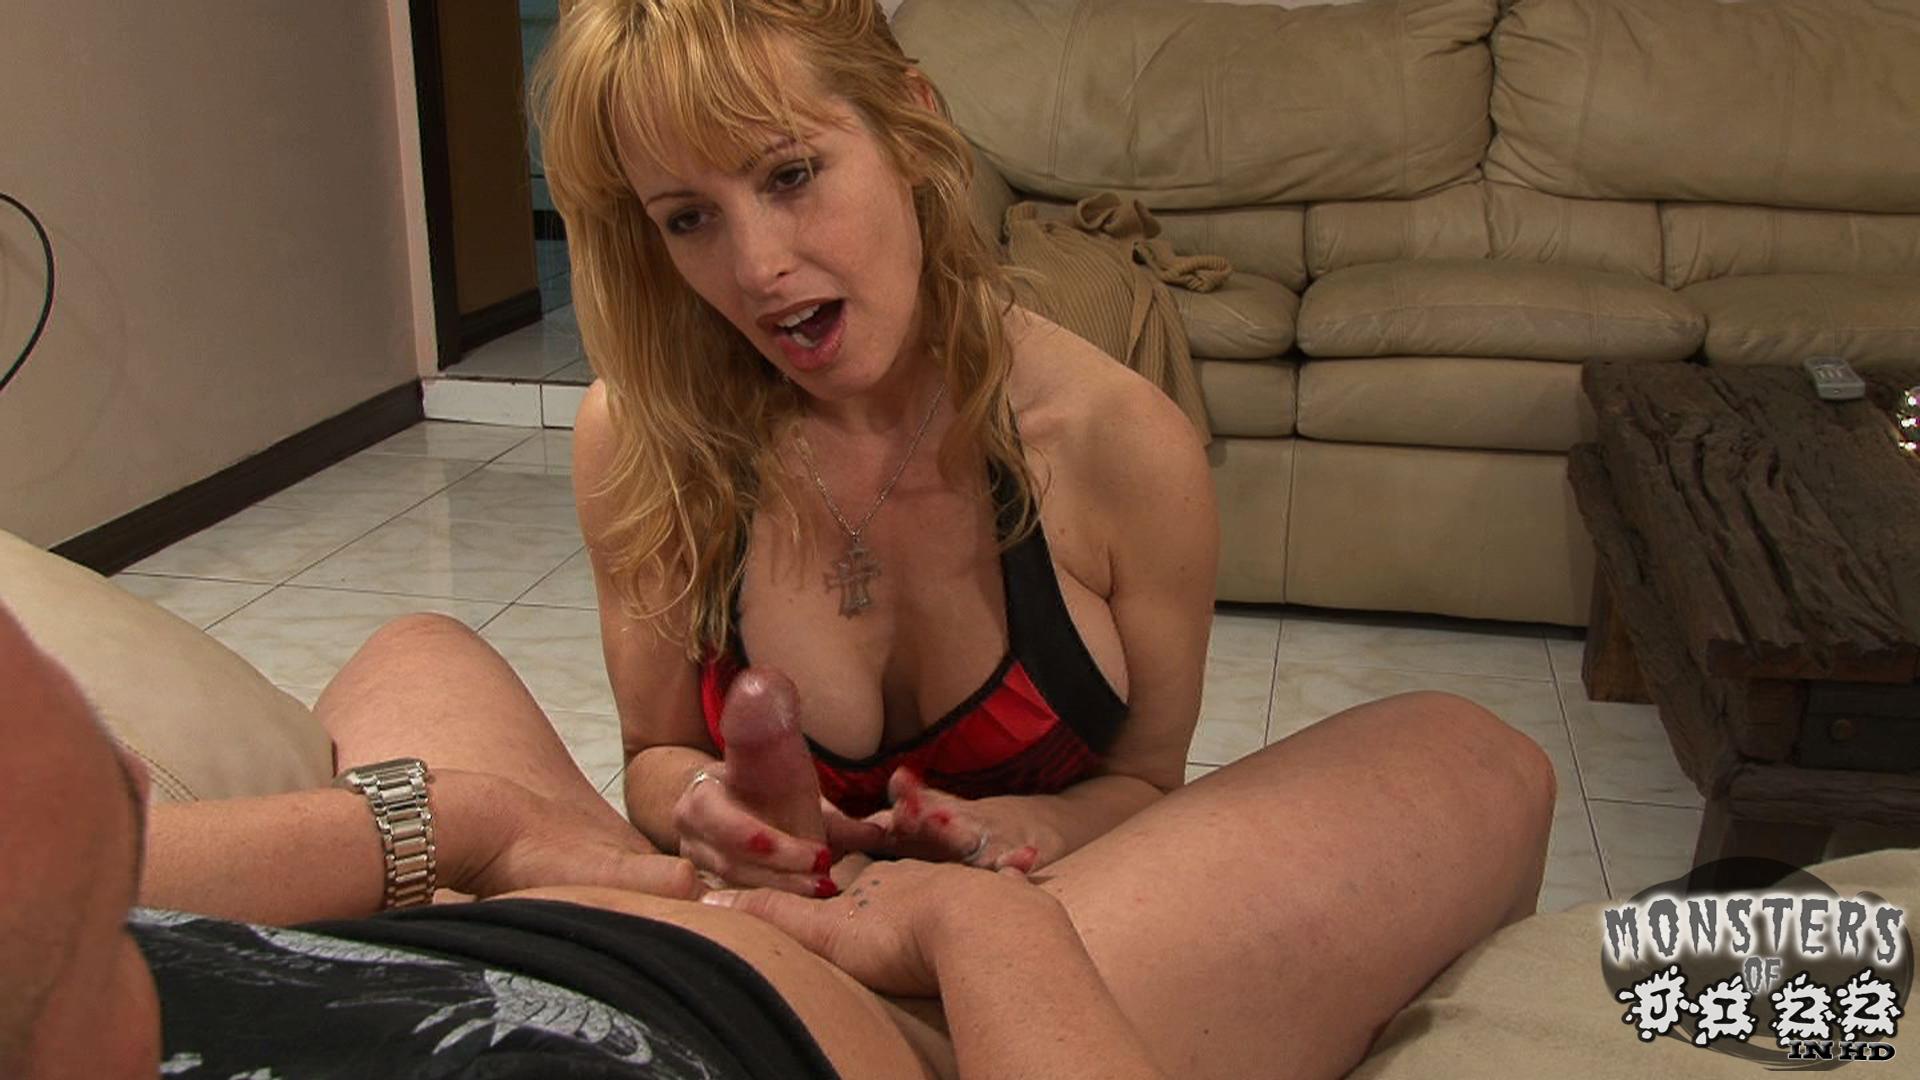 Проститутки дрочат мужикам, Дрочка - порно видео дрочки члена онлайн 8 фотография